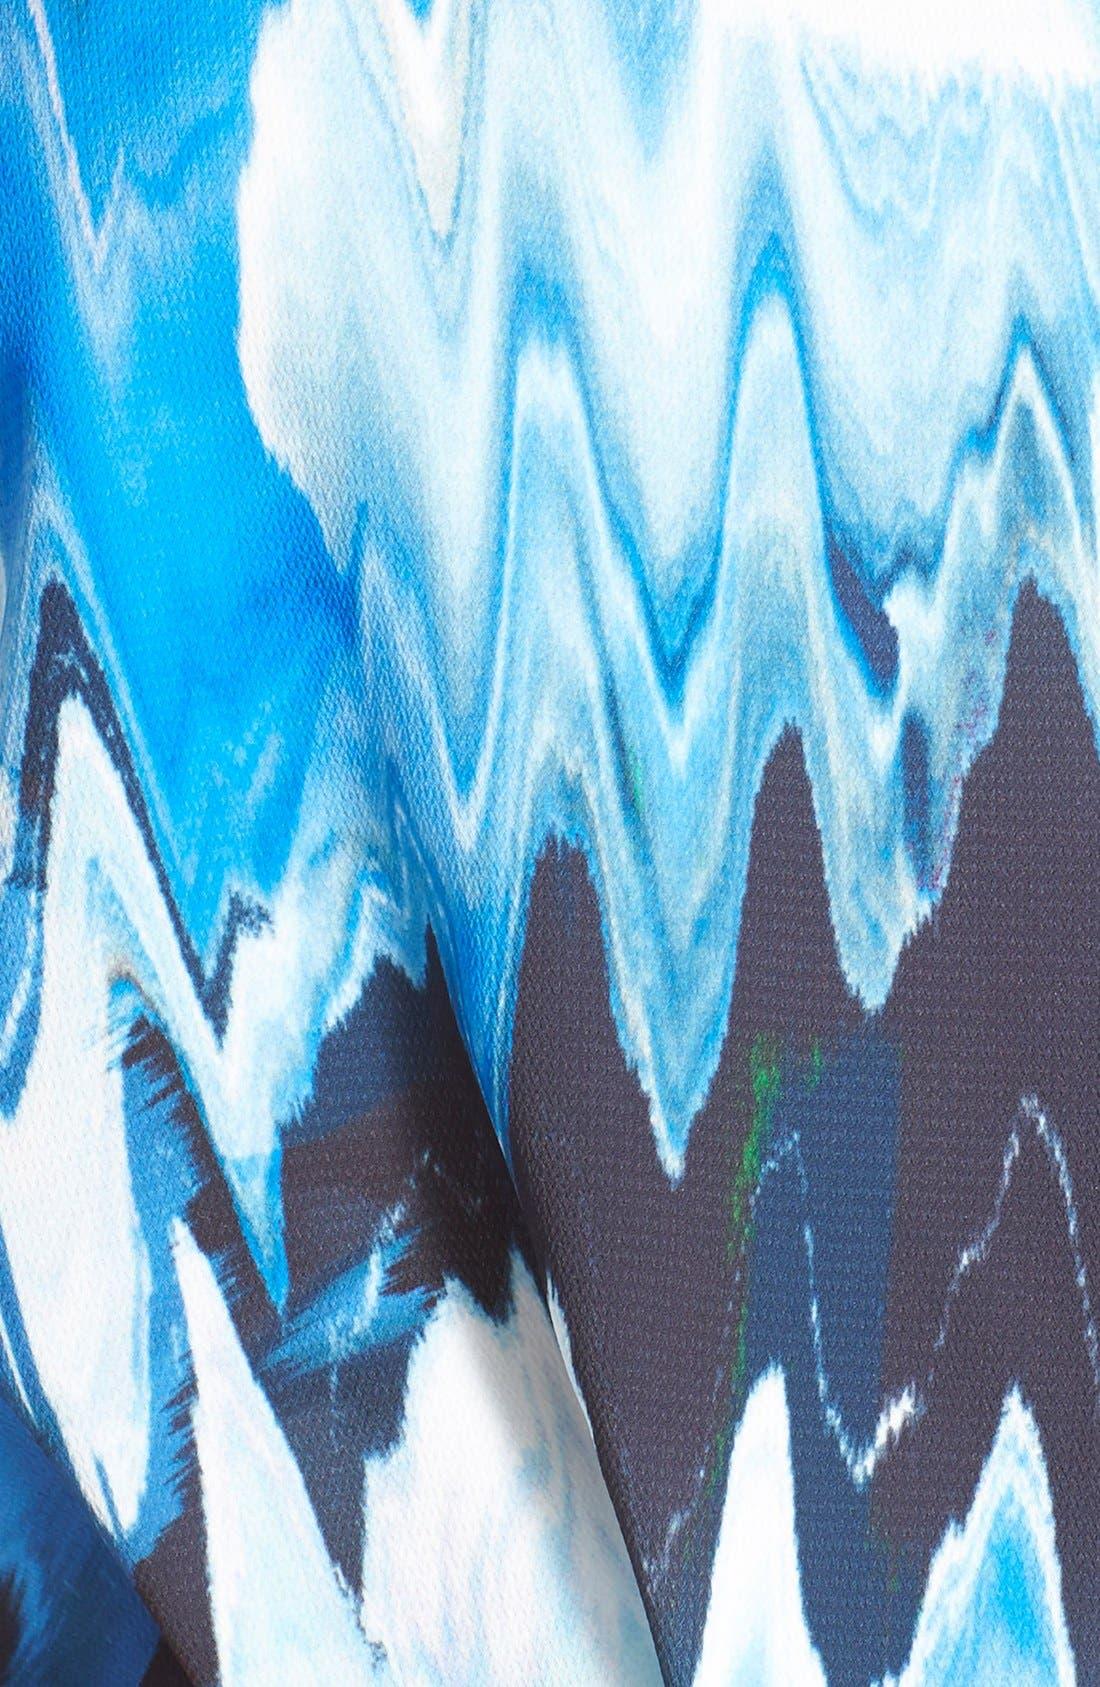 Print Faux Wrap Dress,                             Alternate thumbnail 9, color,                             BLUE WATERCOLOR FLORAL PRINT